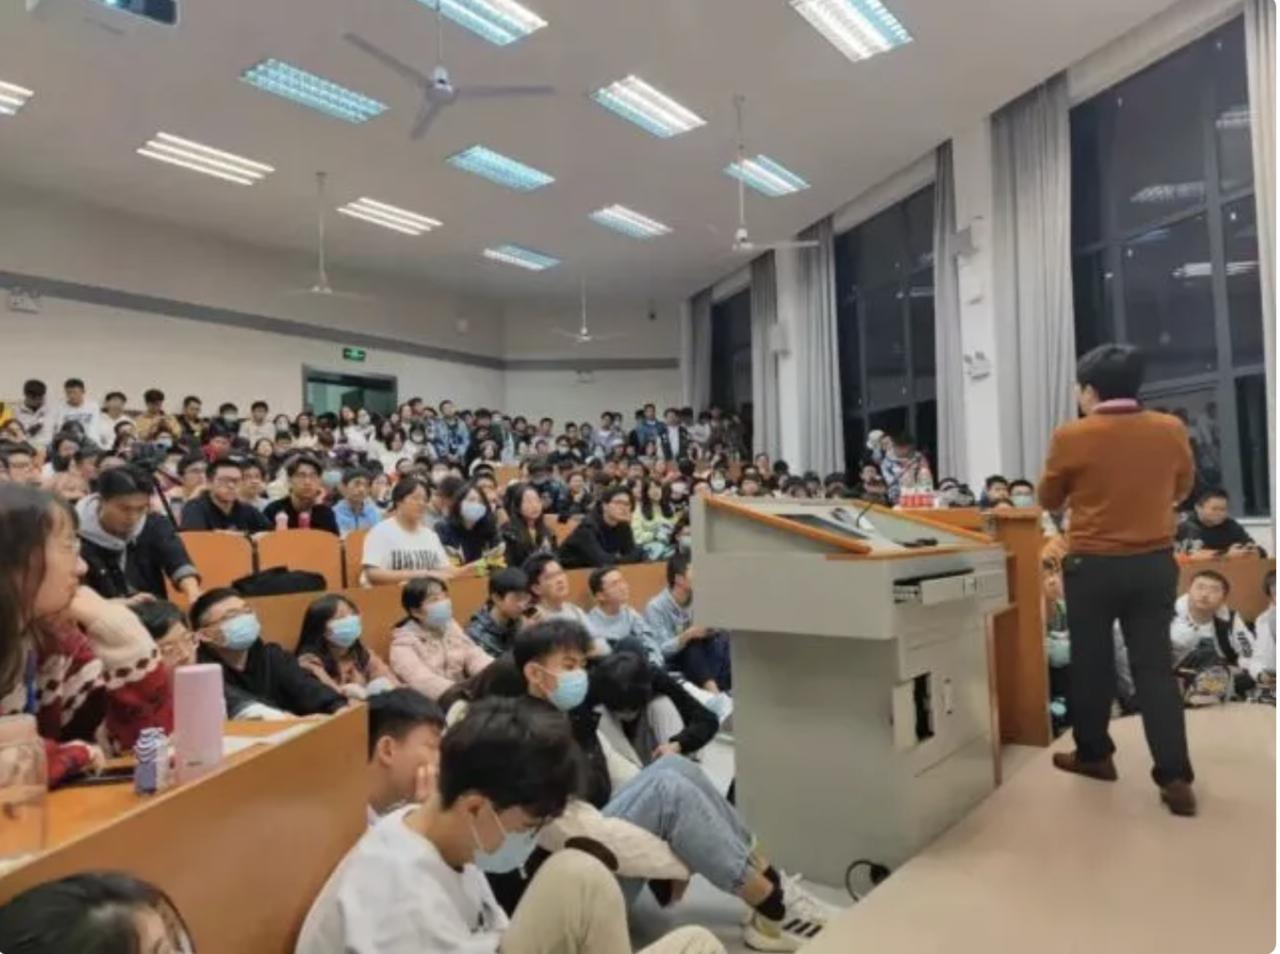 [新聞] 武大戀愛課爆滿 學生掛窗戶上聽課 「搶拿